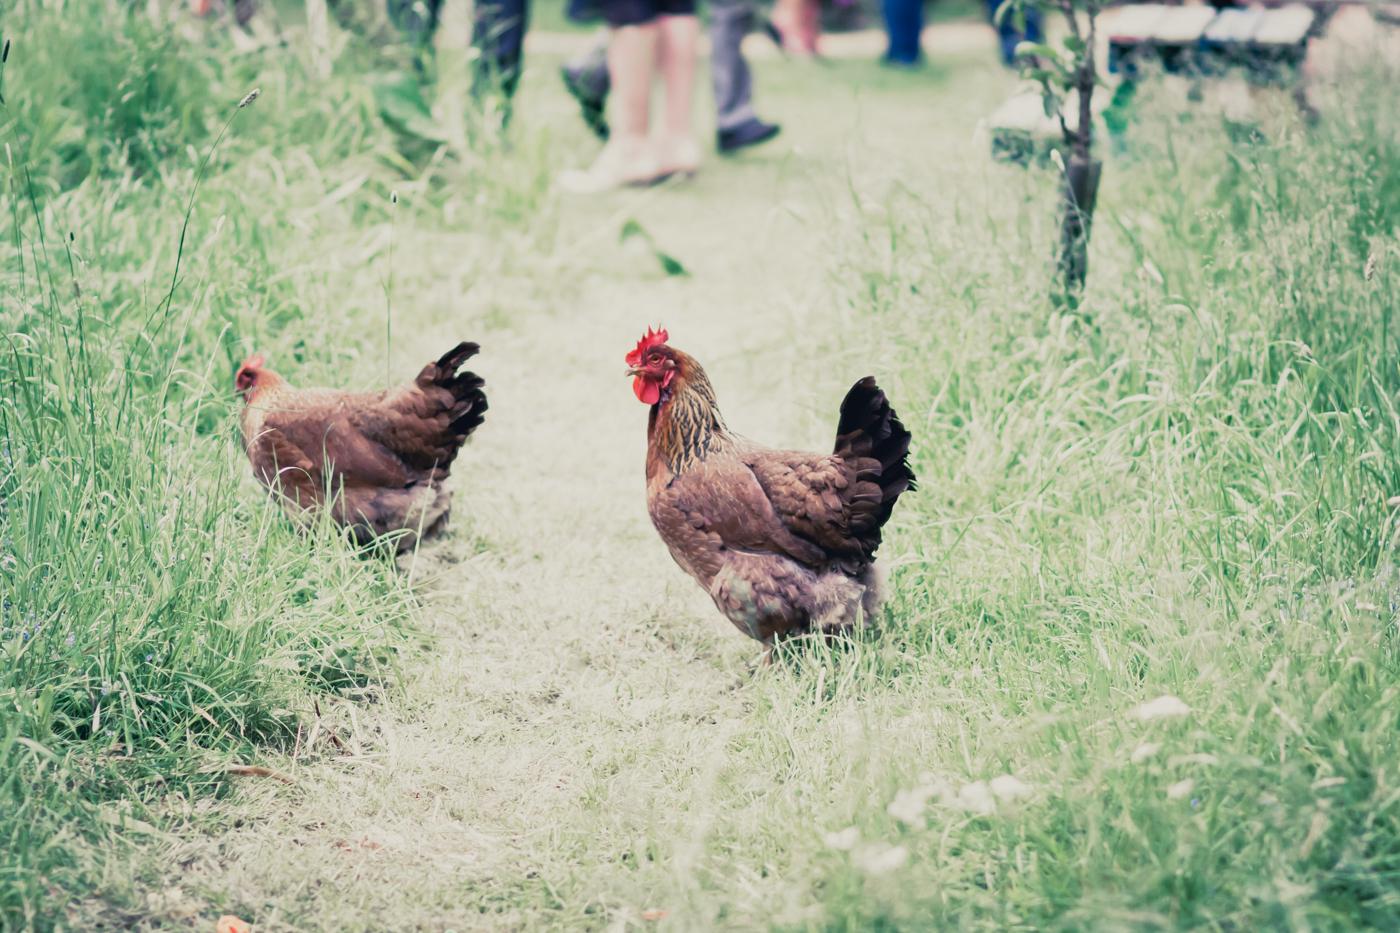 217 Keedy and Carl at The Secret Garden in Retford  - Wedding Photography by Mark Pugh www.markpugh.com_.jpg